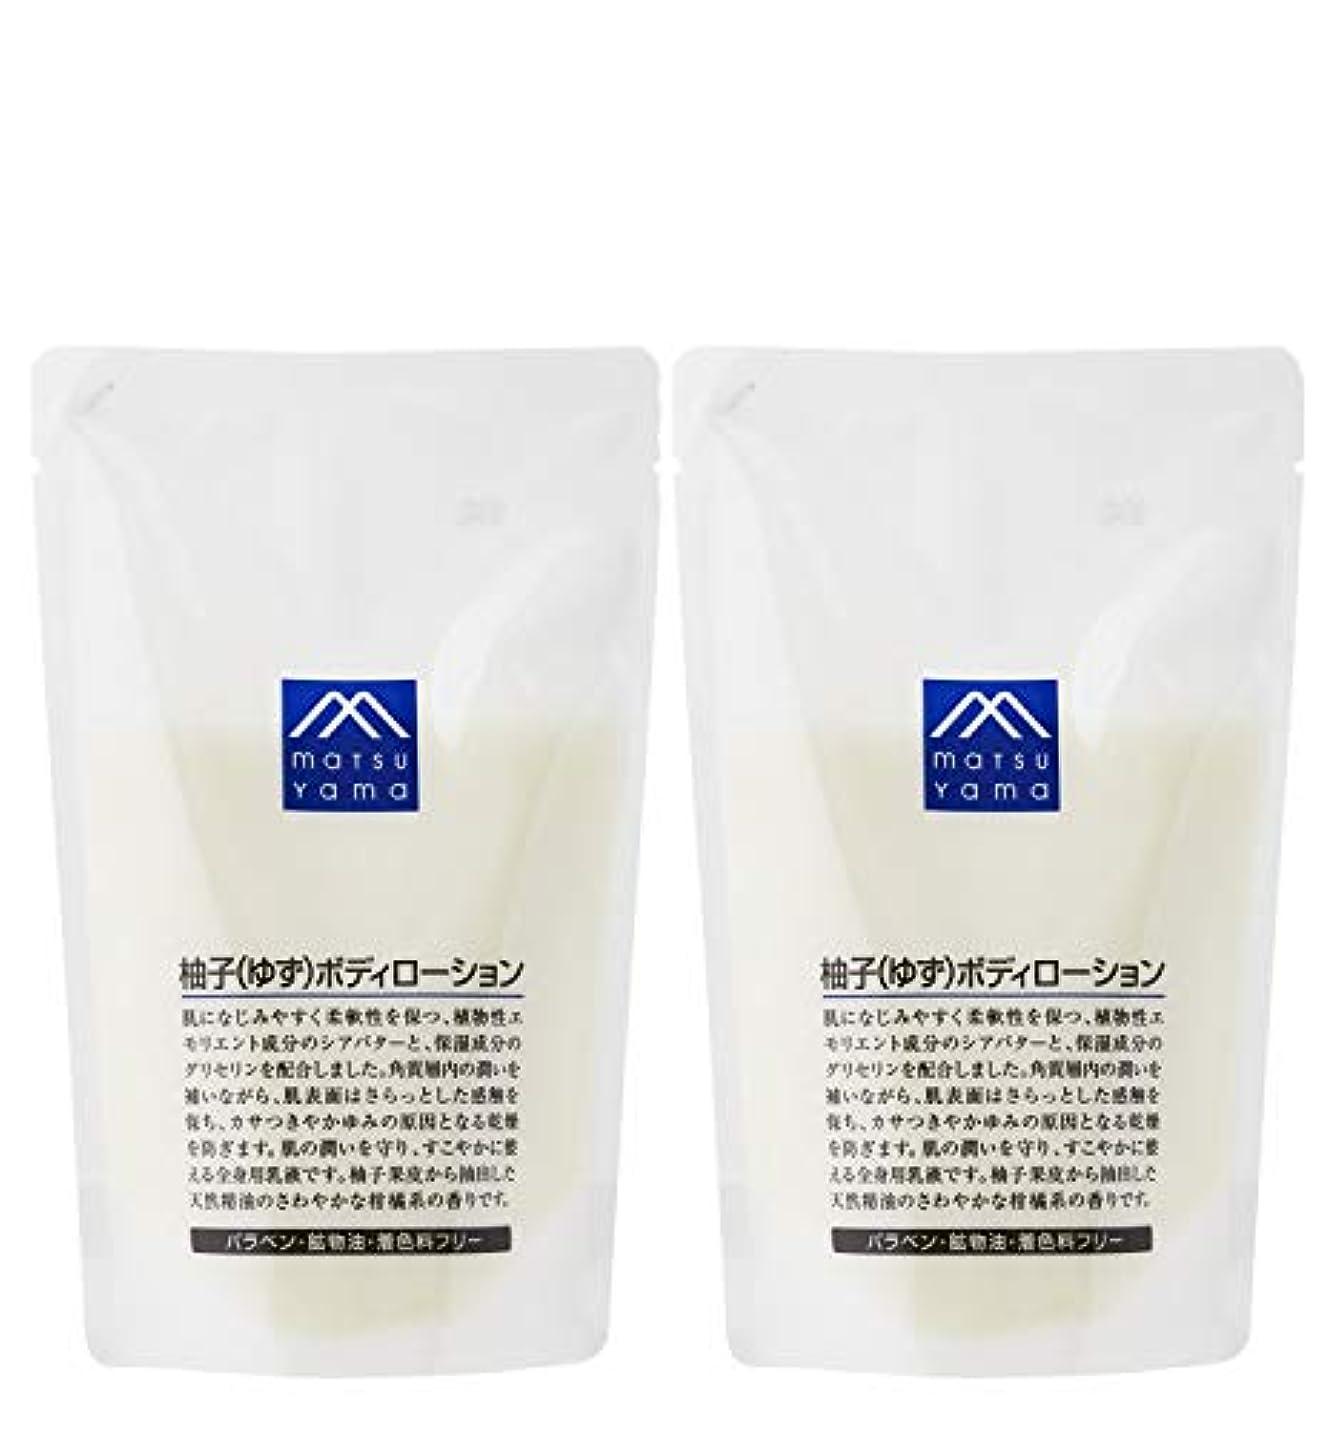 土ローストクラフト【2個セット】M-mark 柚子(ゆず) ボディローション詰替用 280ml × 2個セット